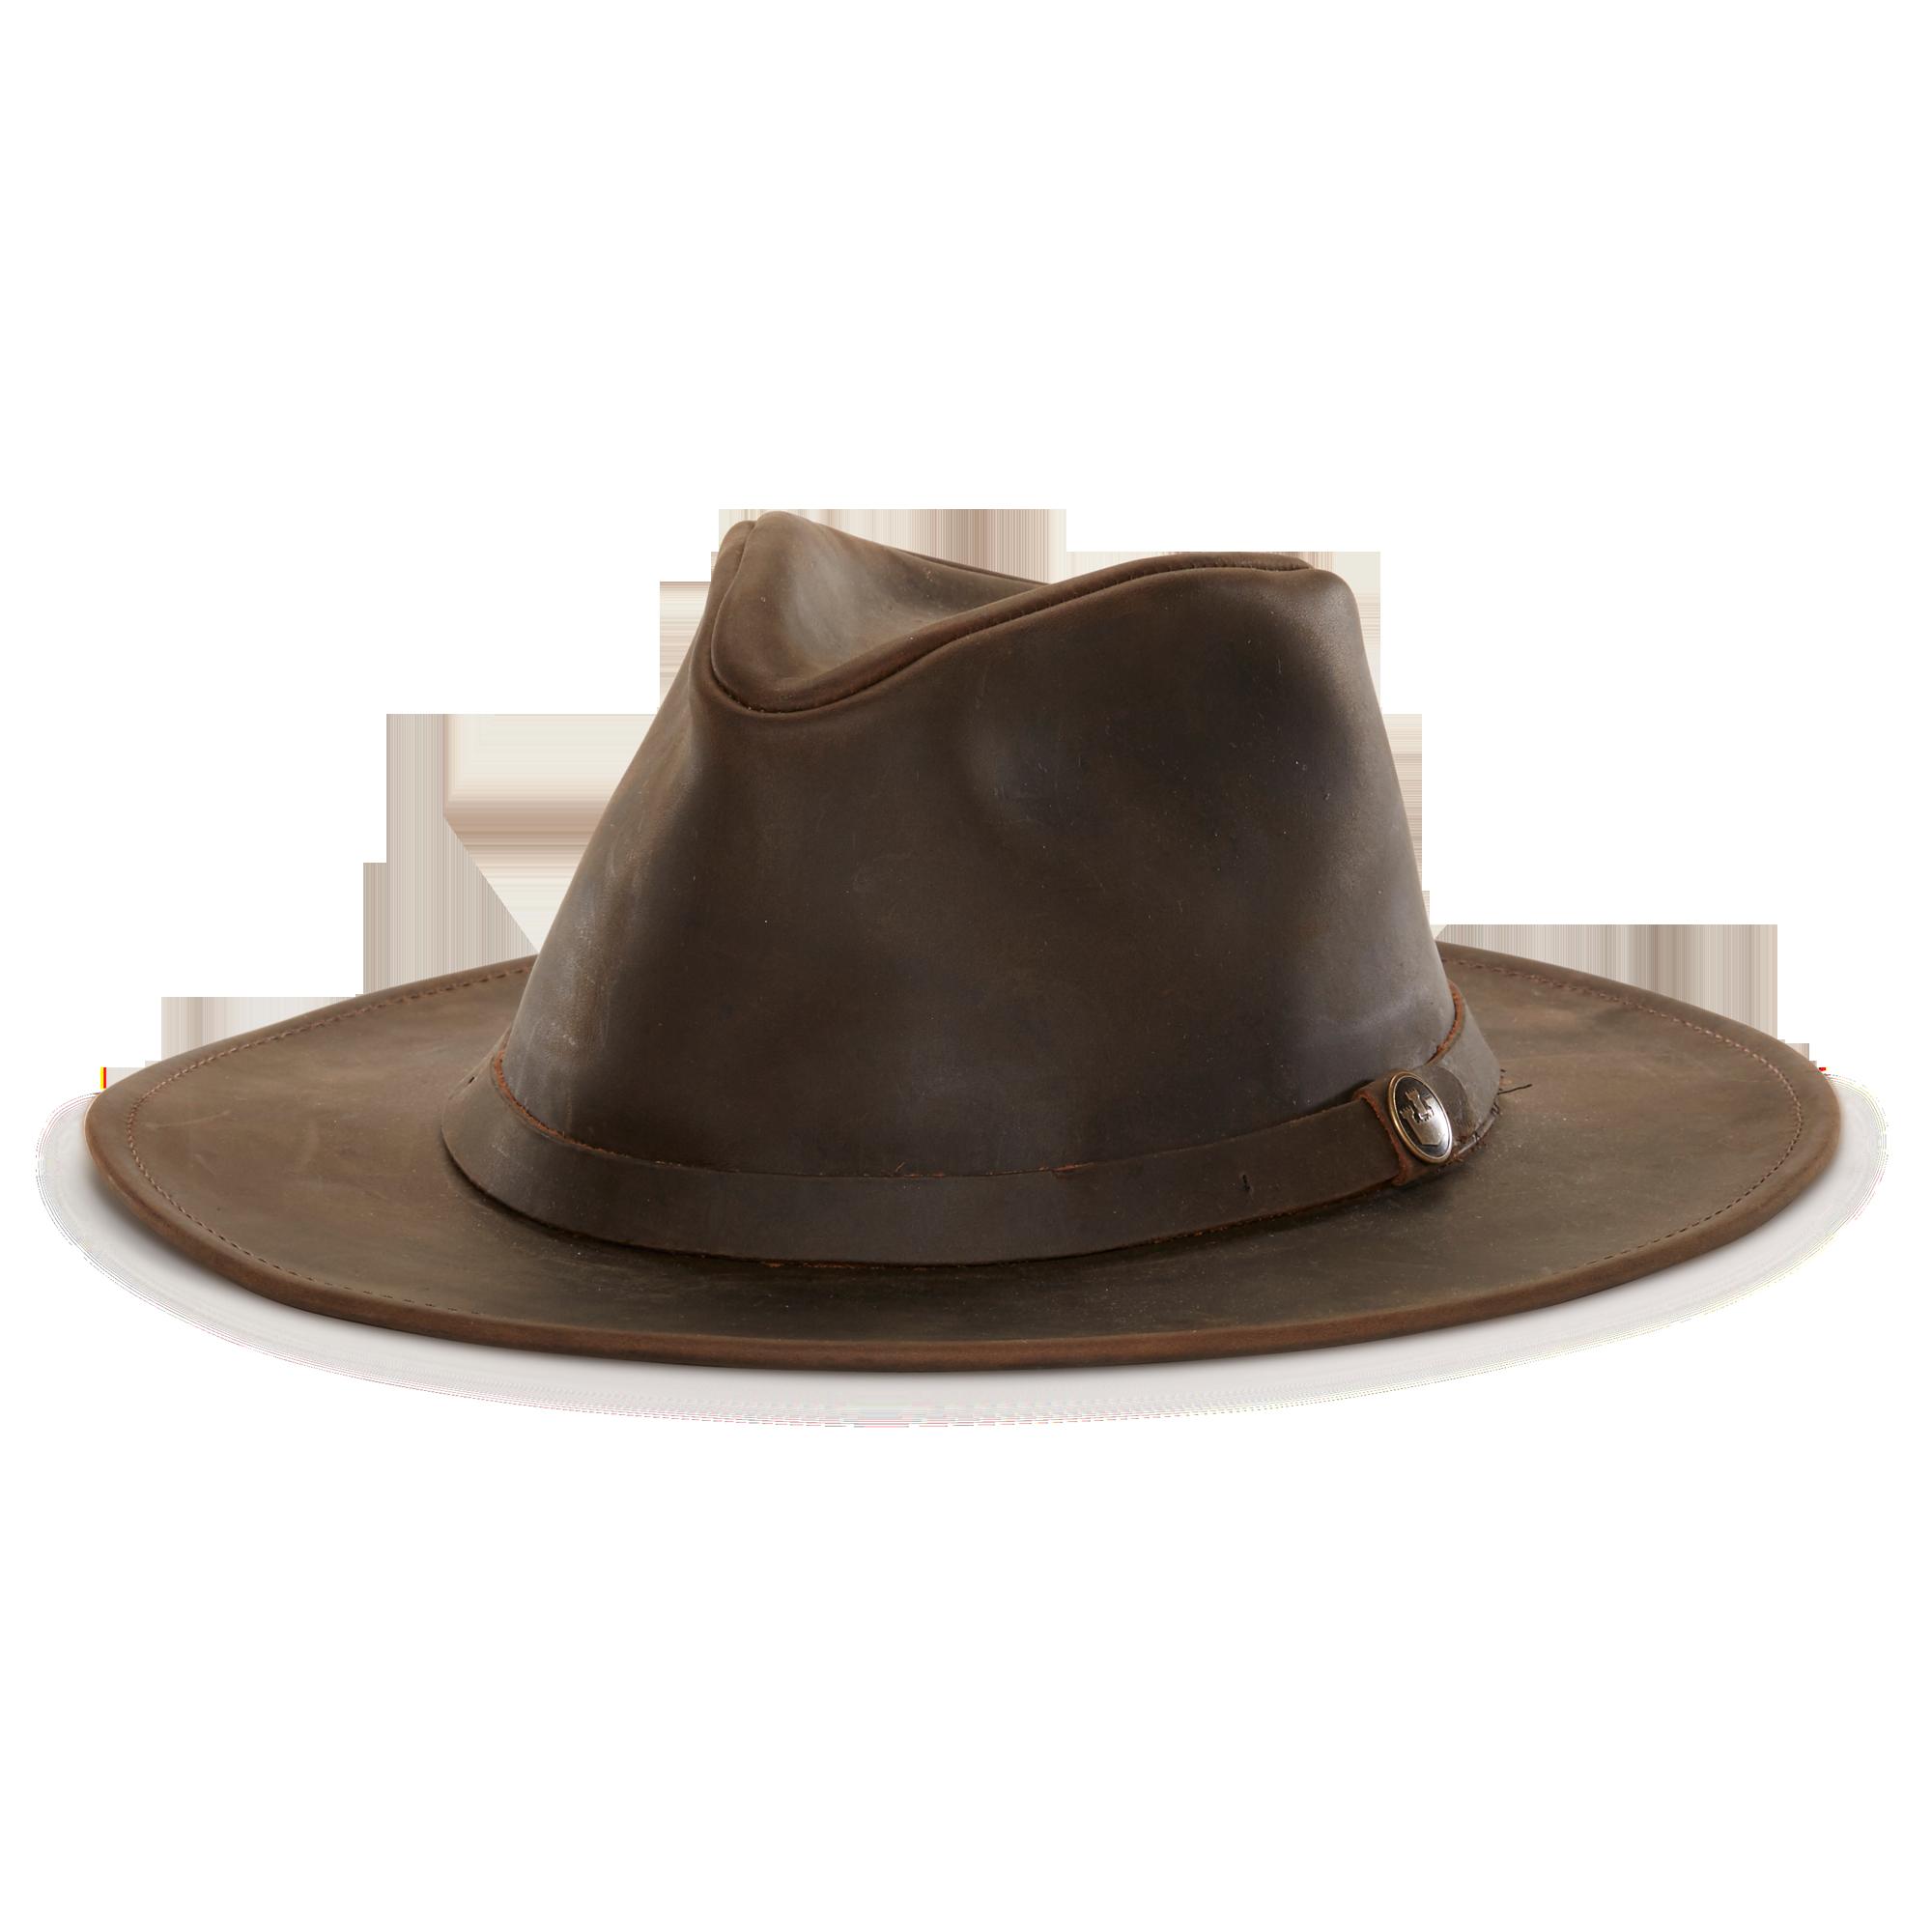 North Fork Leather Fedora Hat Brown Left Side  feba1447192